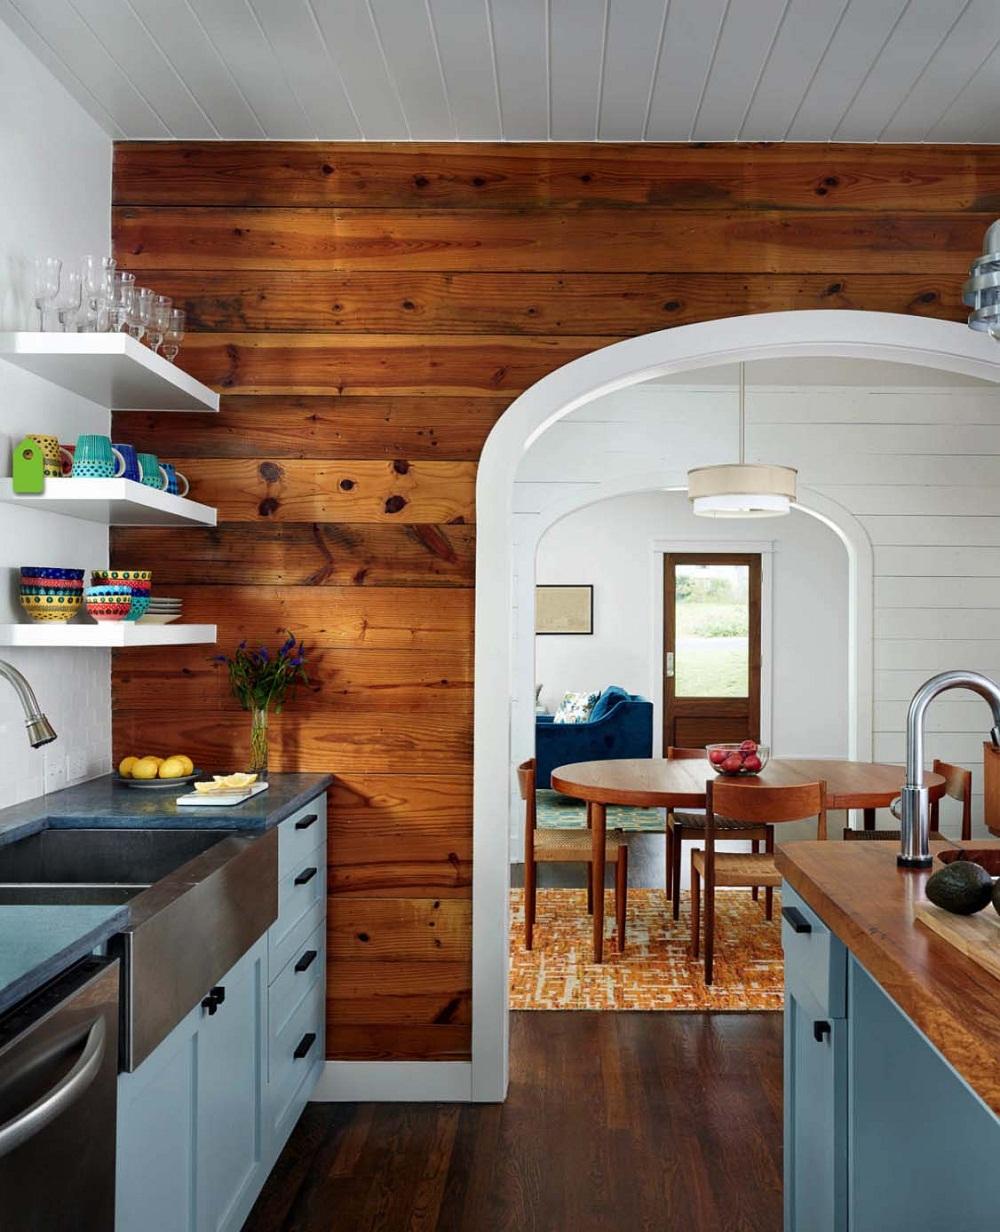 Thiết kế nội thất gỗ ốp tường cho không gian sống- Ảnh 02